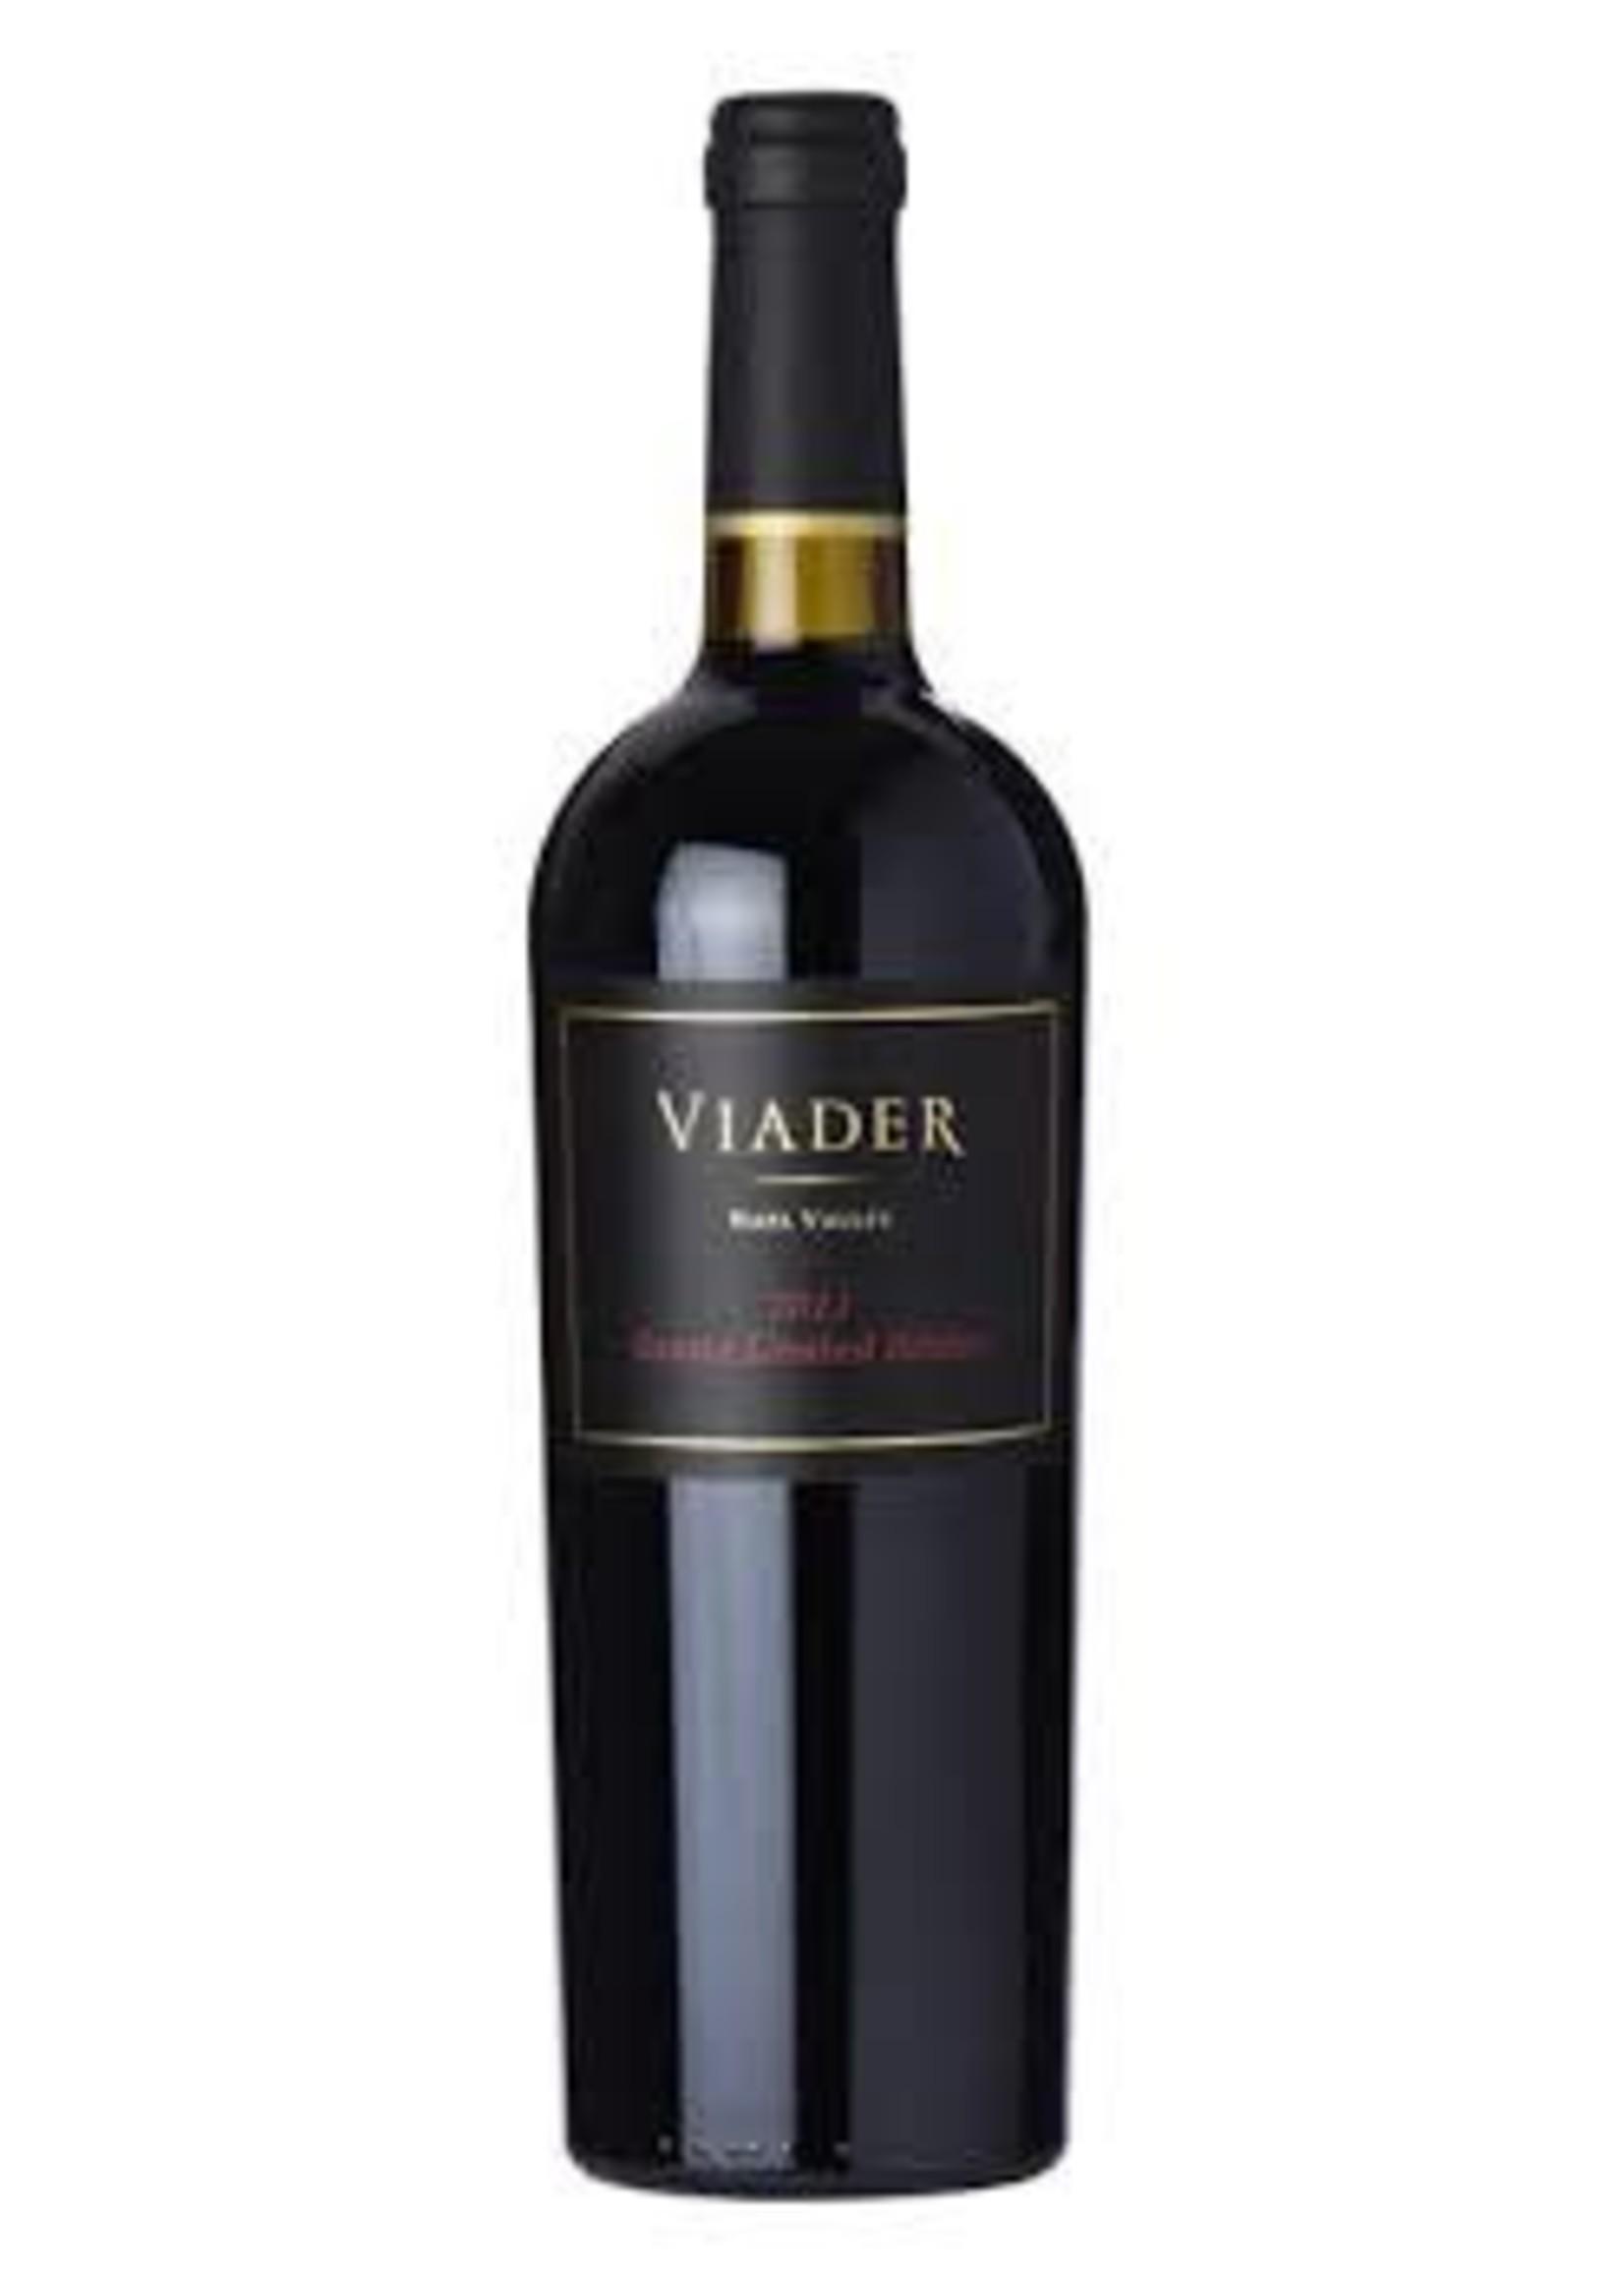 Viader 2016 Black Label Limited Release 750ml